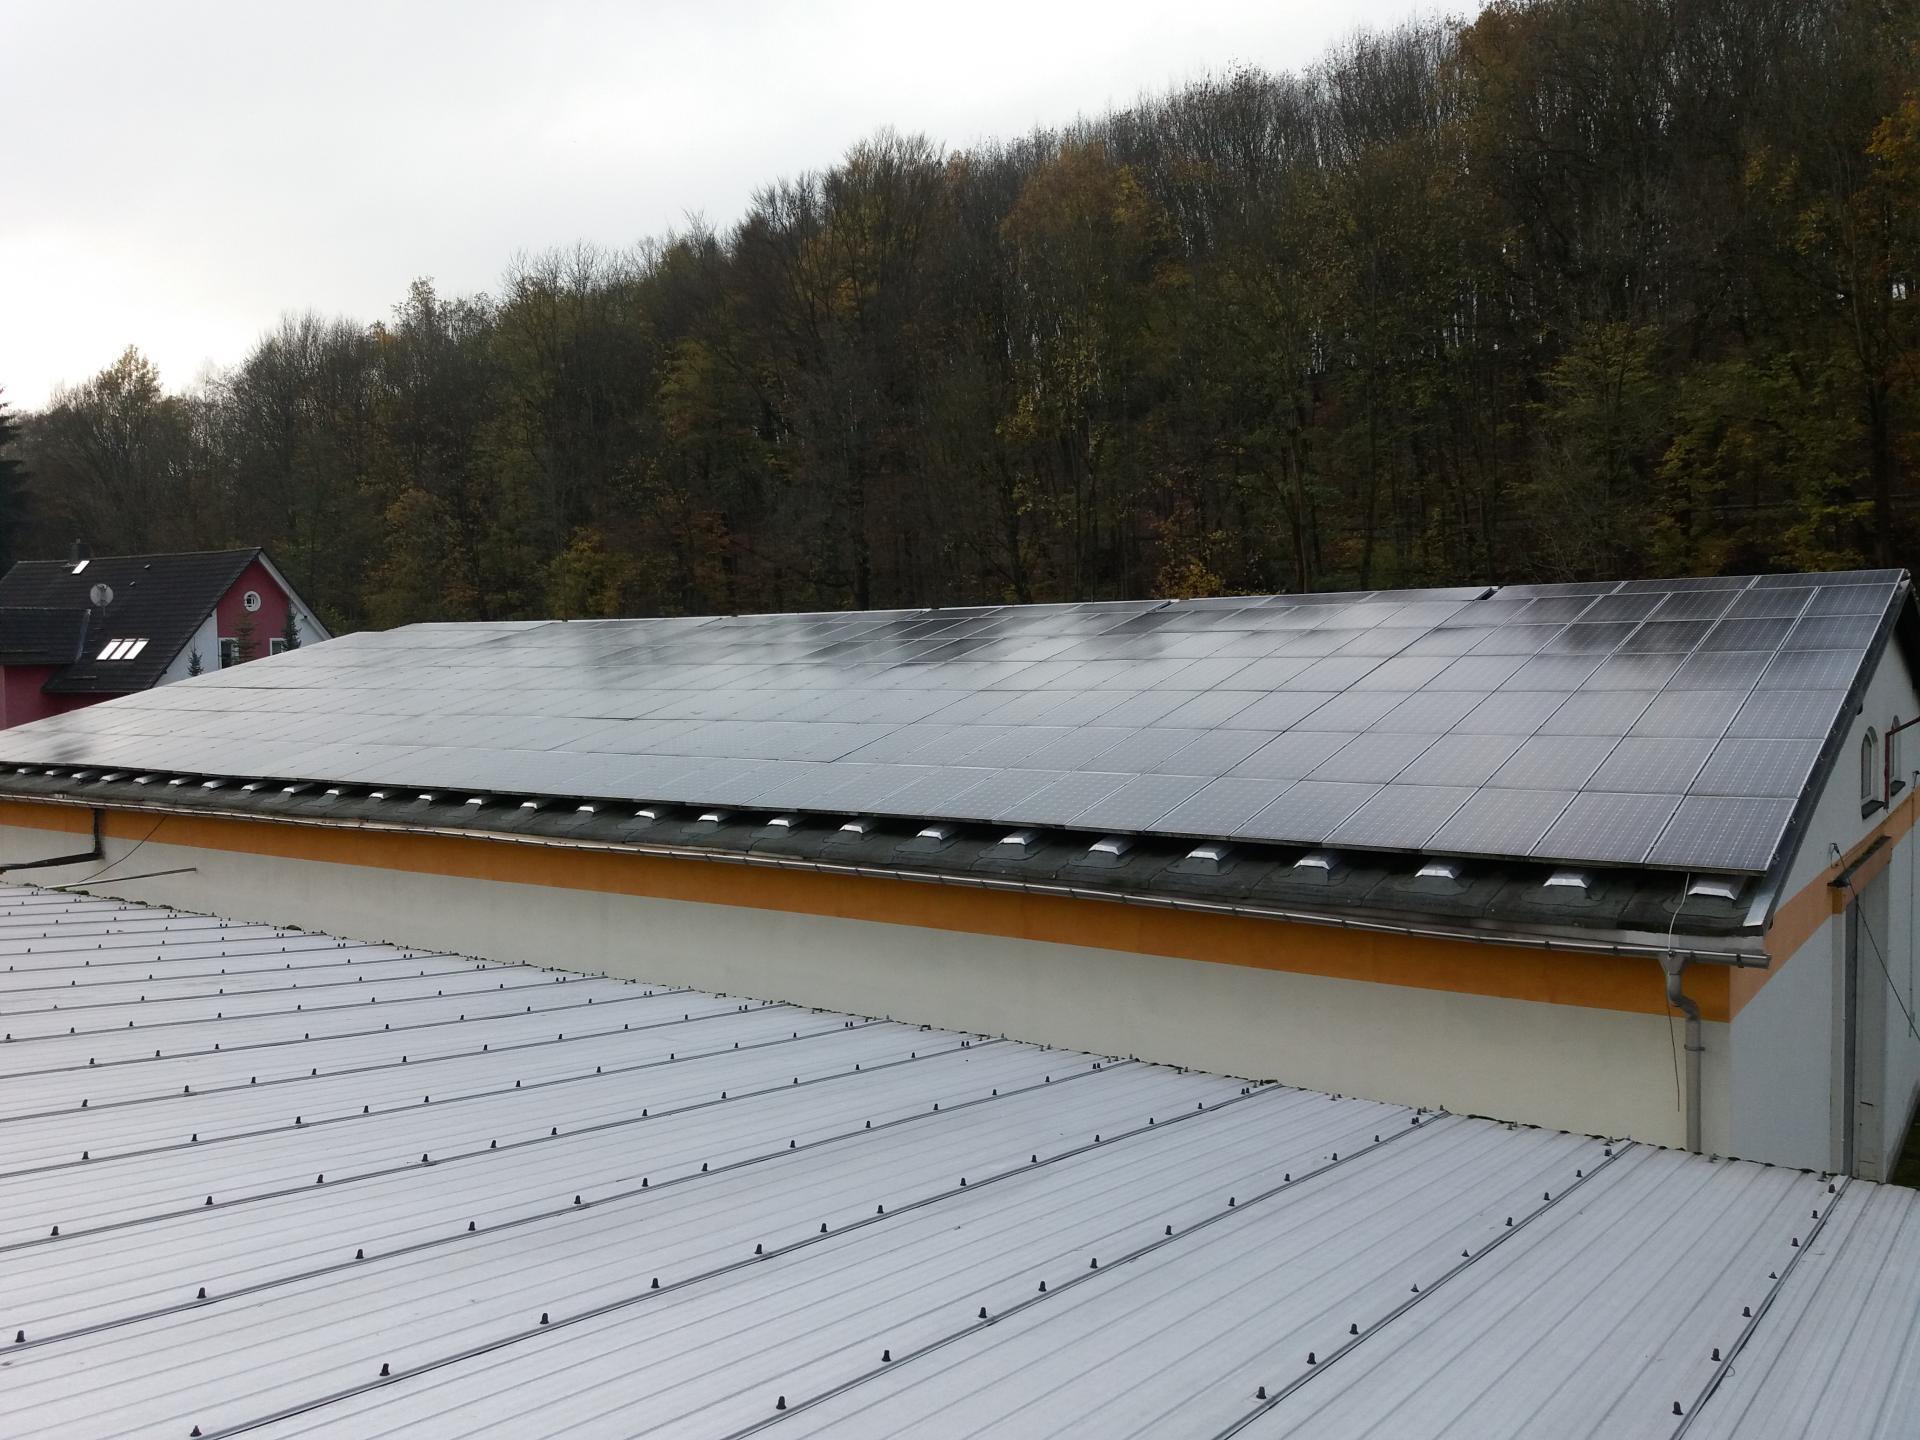 86,40 kWp Photovoltaikanlage